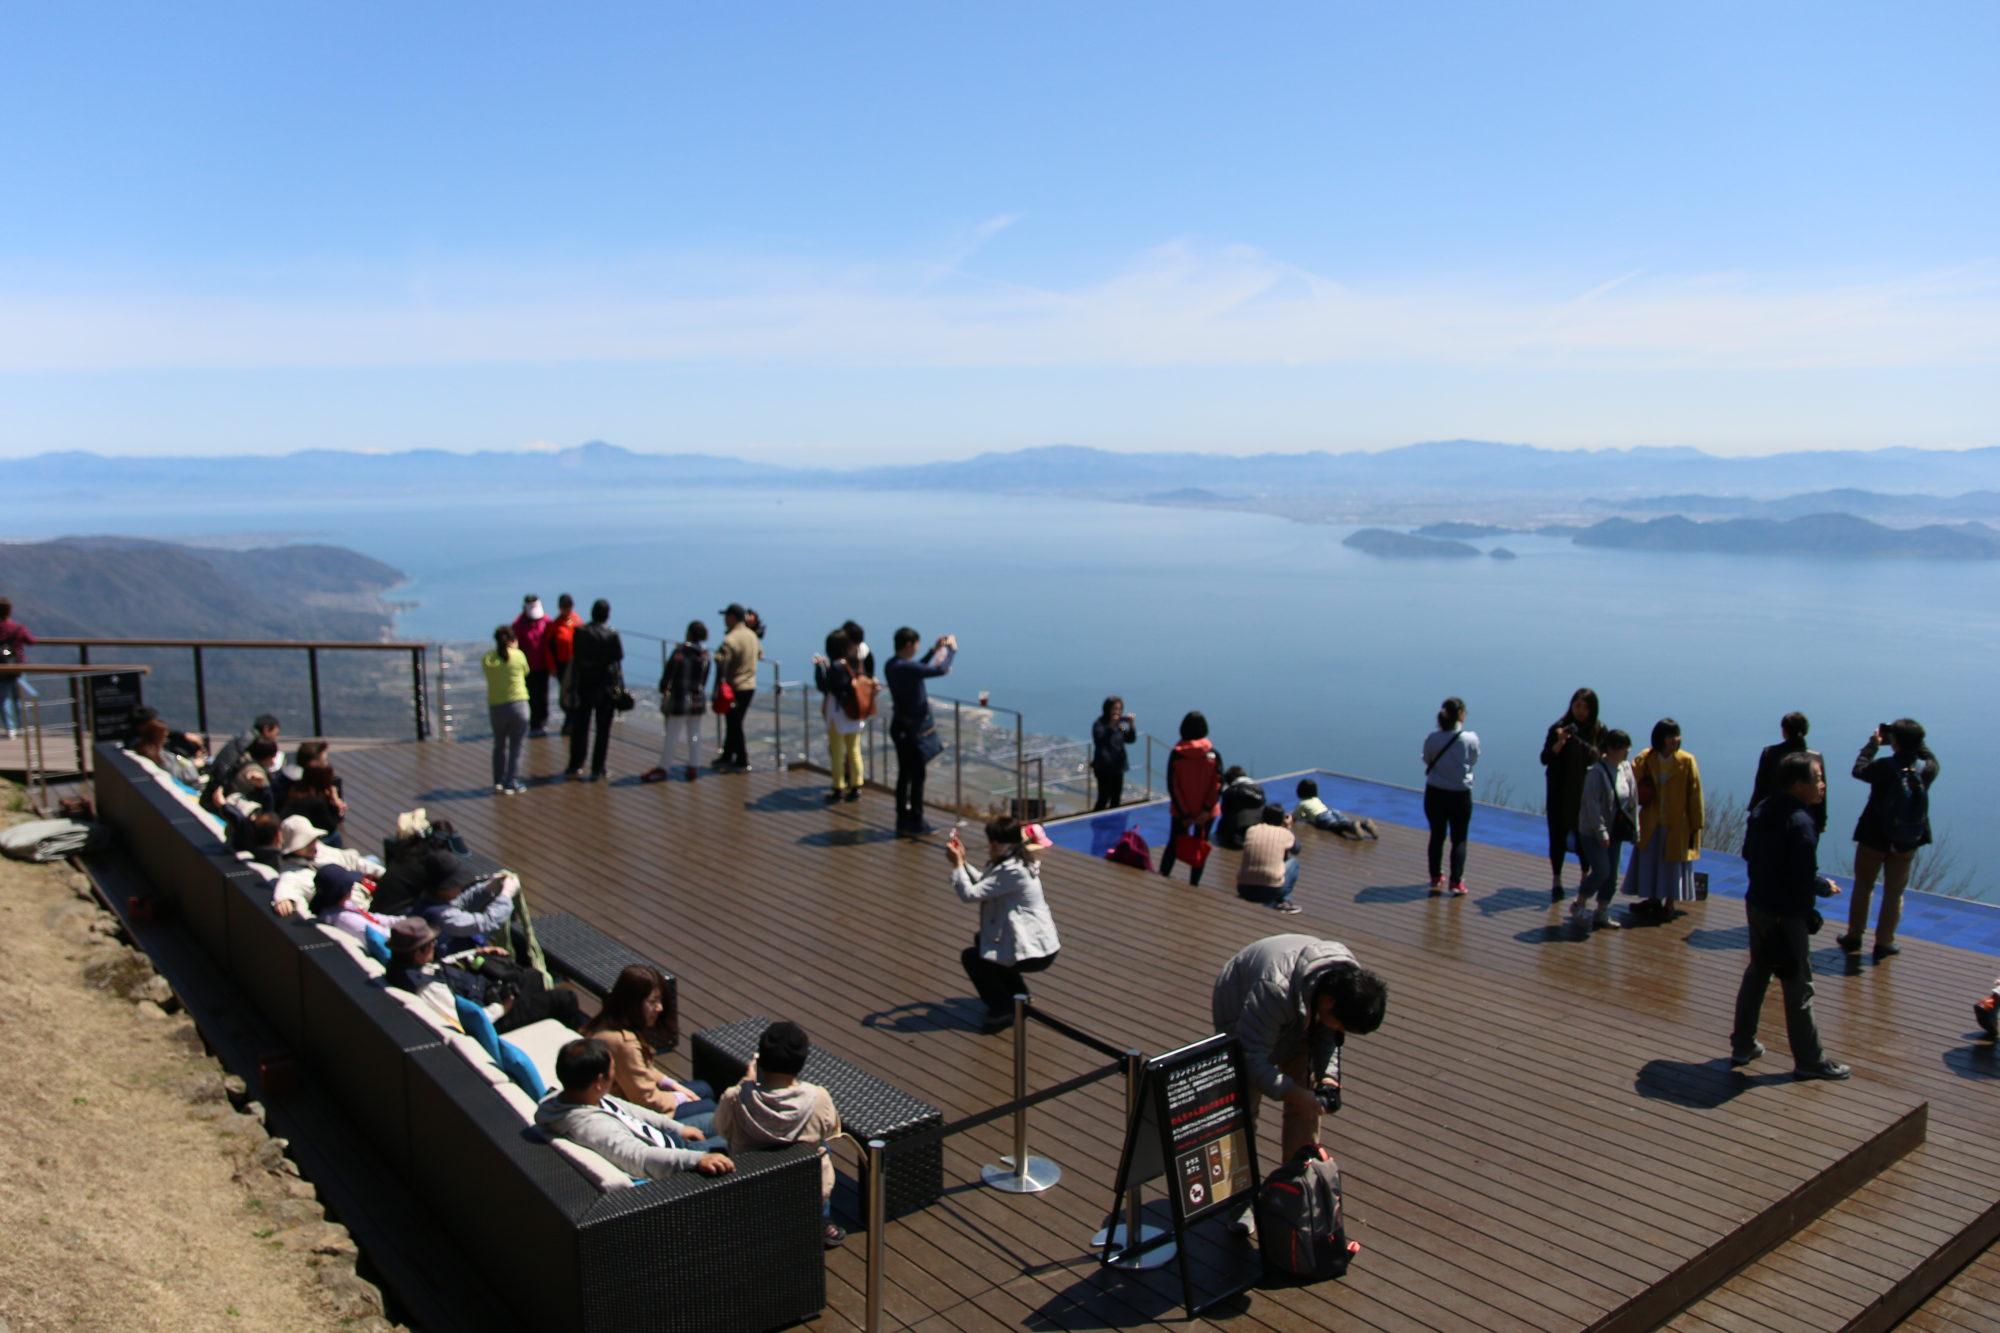 大阪から車で朝10時に行くびわ湖テラス(びわ湖バレイ)〜湖西の展望エリアと恋人の聖地から琵琶湖を一望し,ランチのビュッフェを楽しむ〜